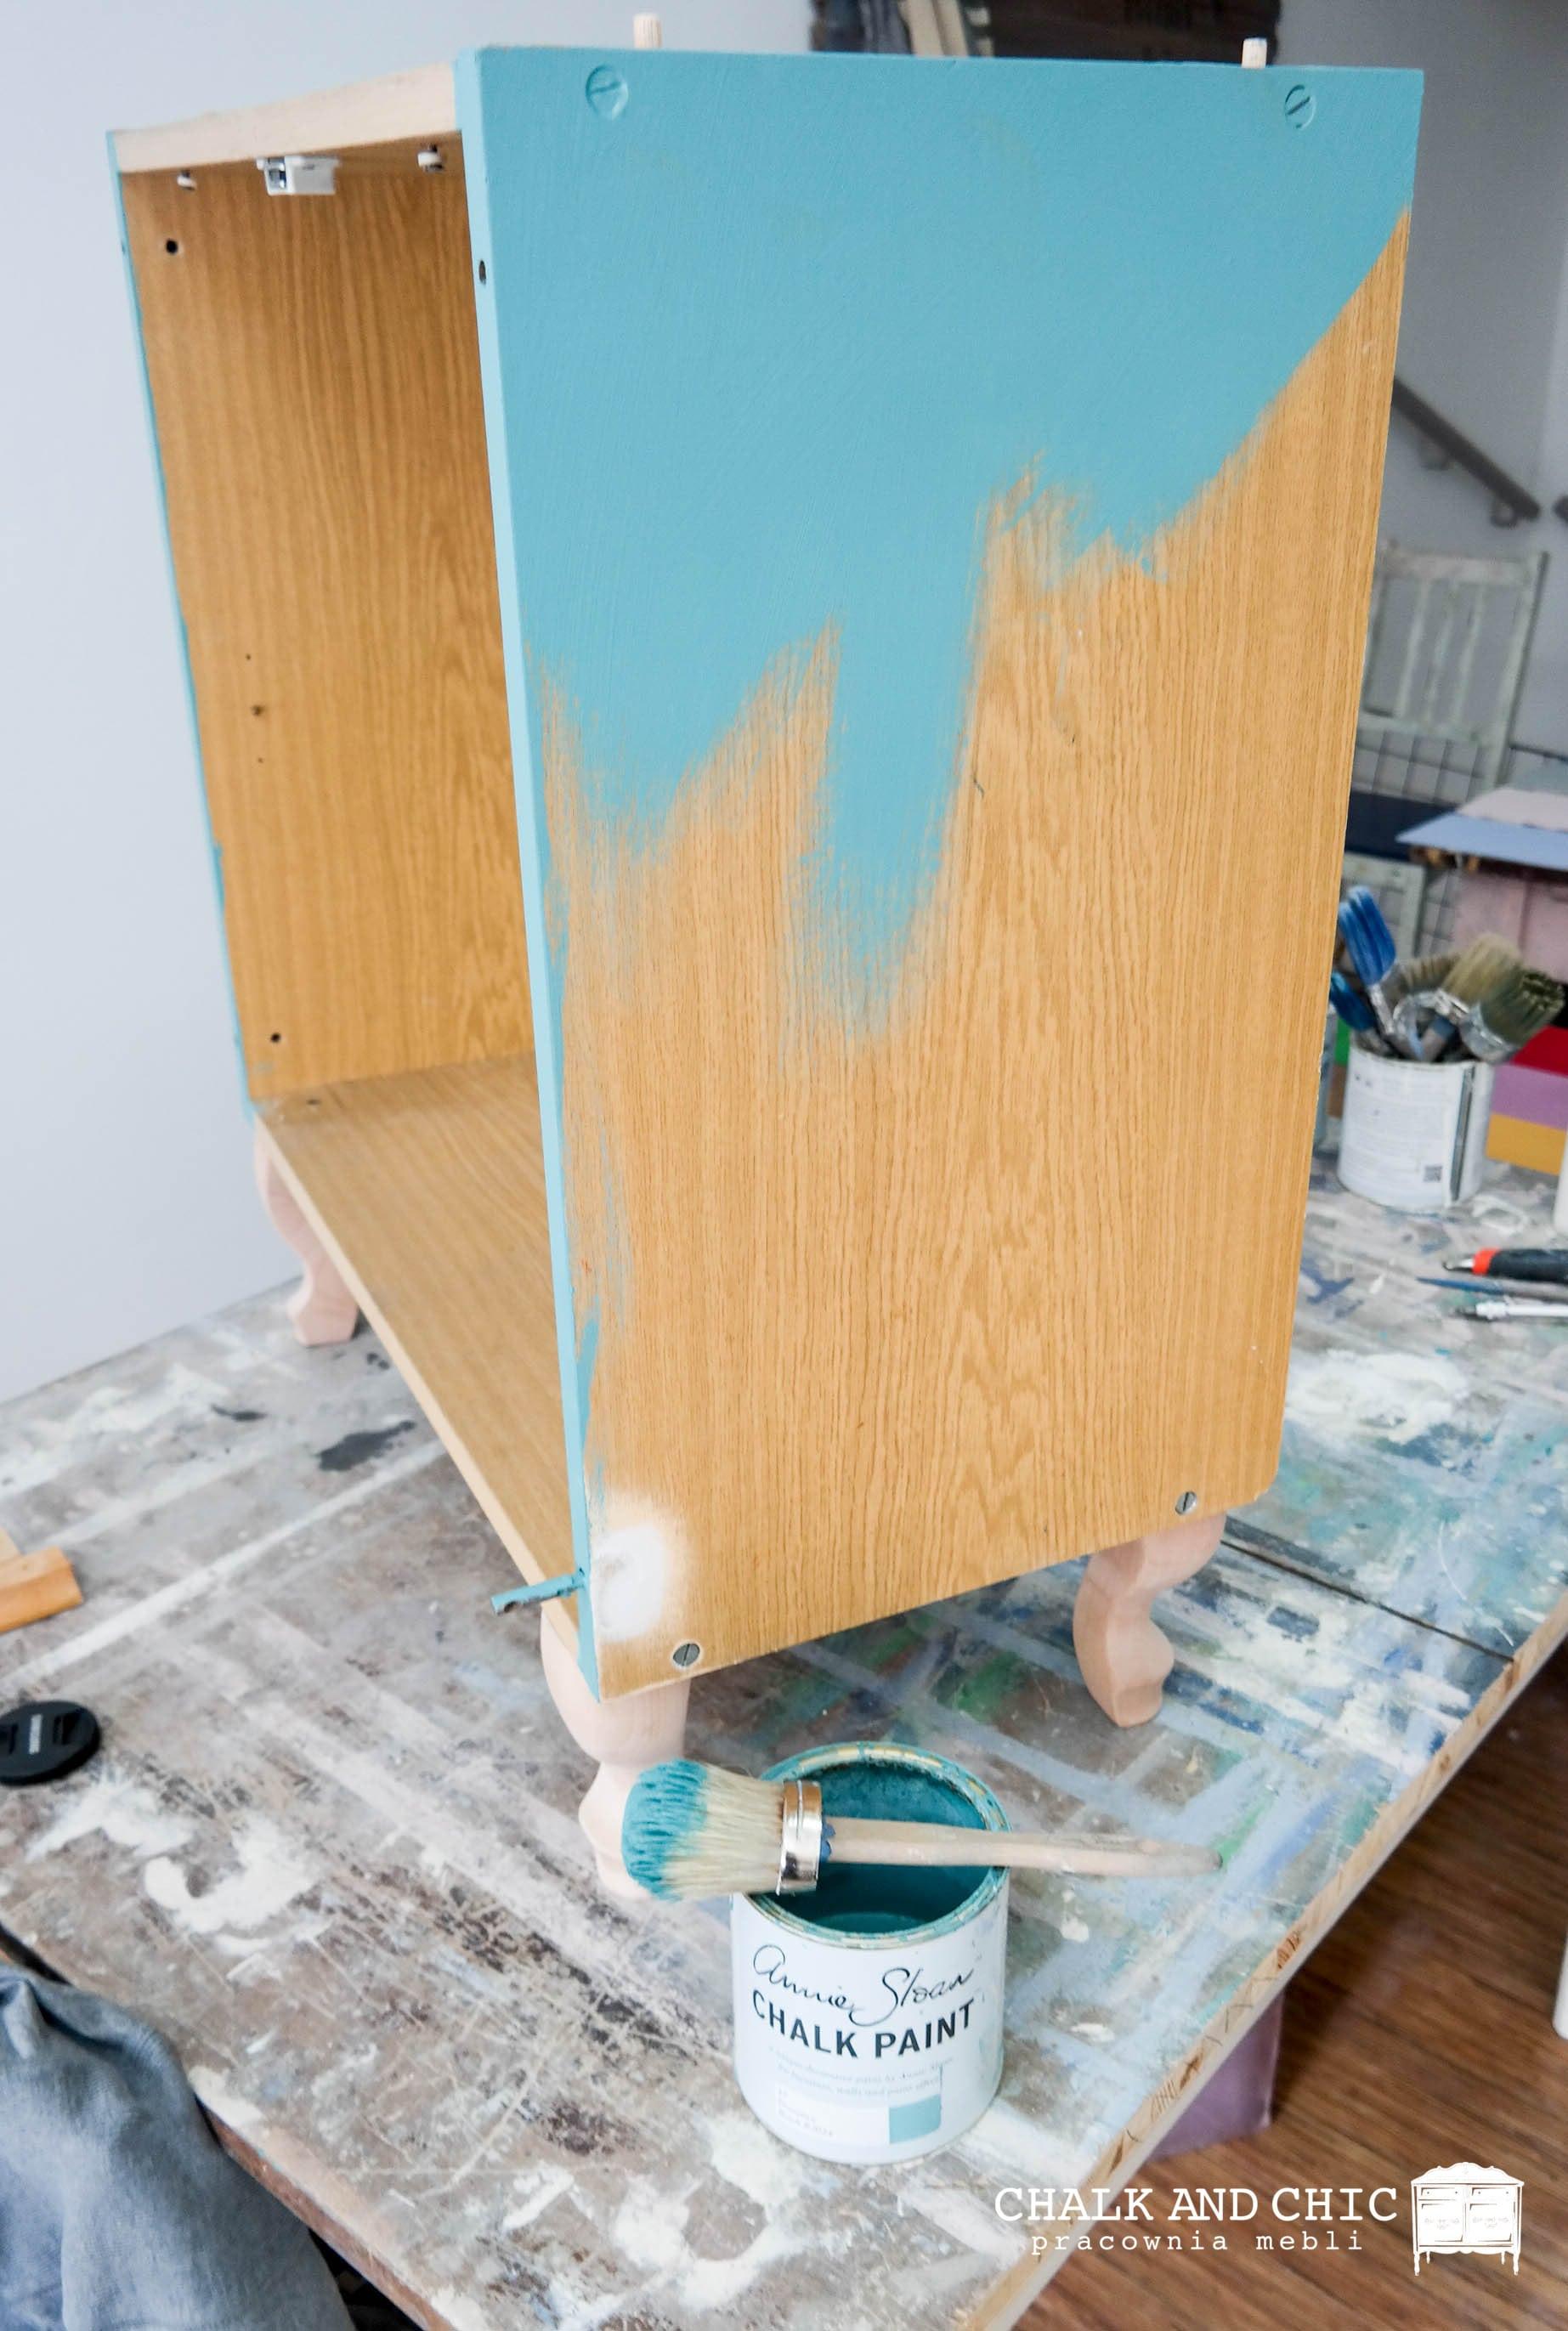 malowanie jak odnowić starą szafkę farbami kredowymi Chalk Paint Annie Sloan